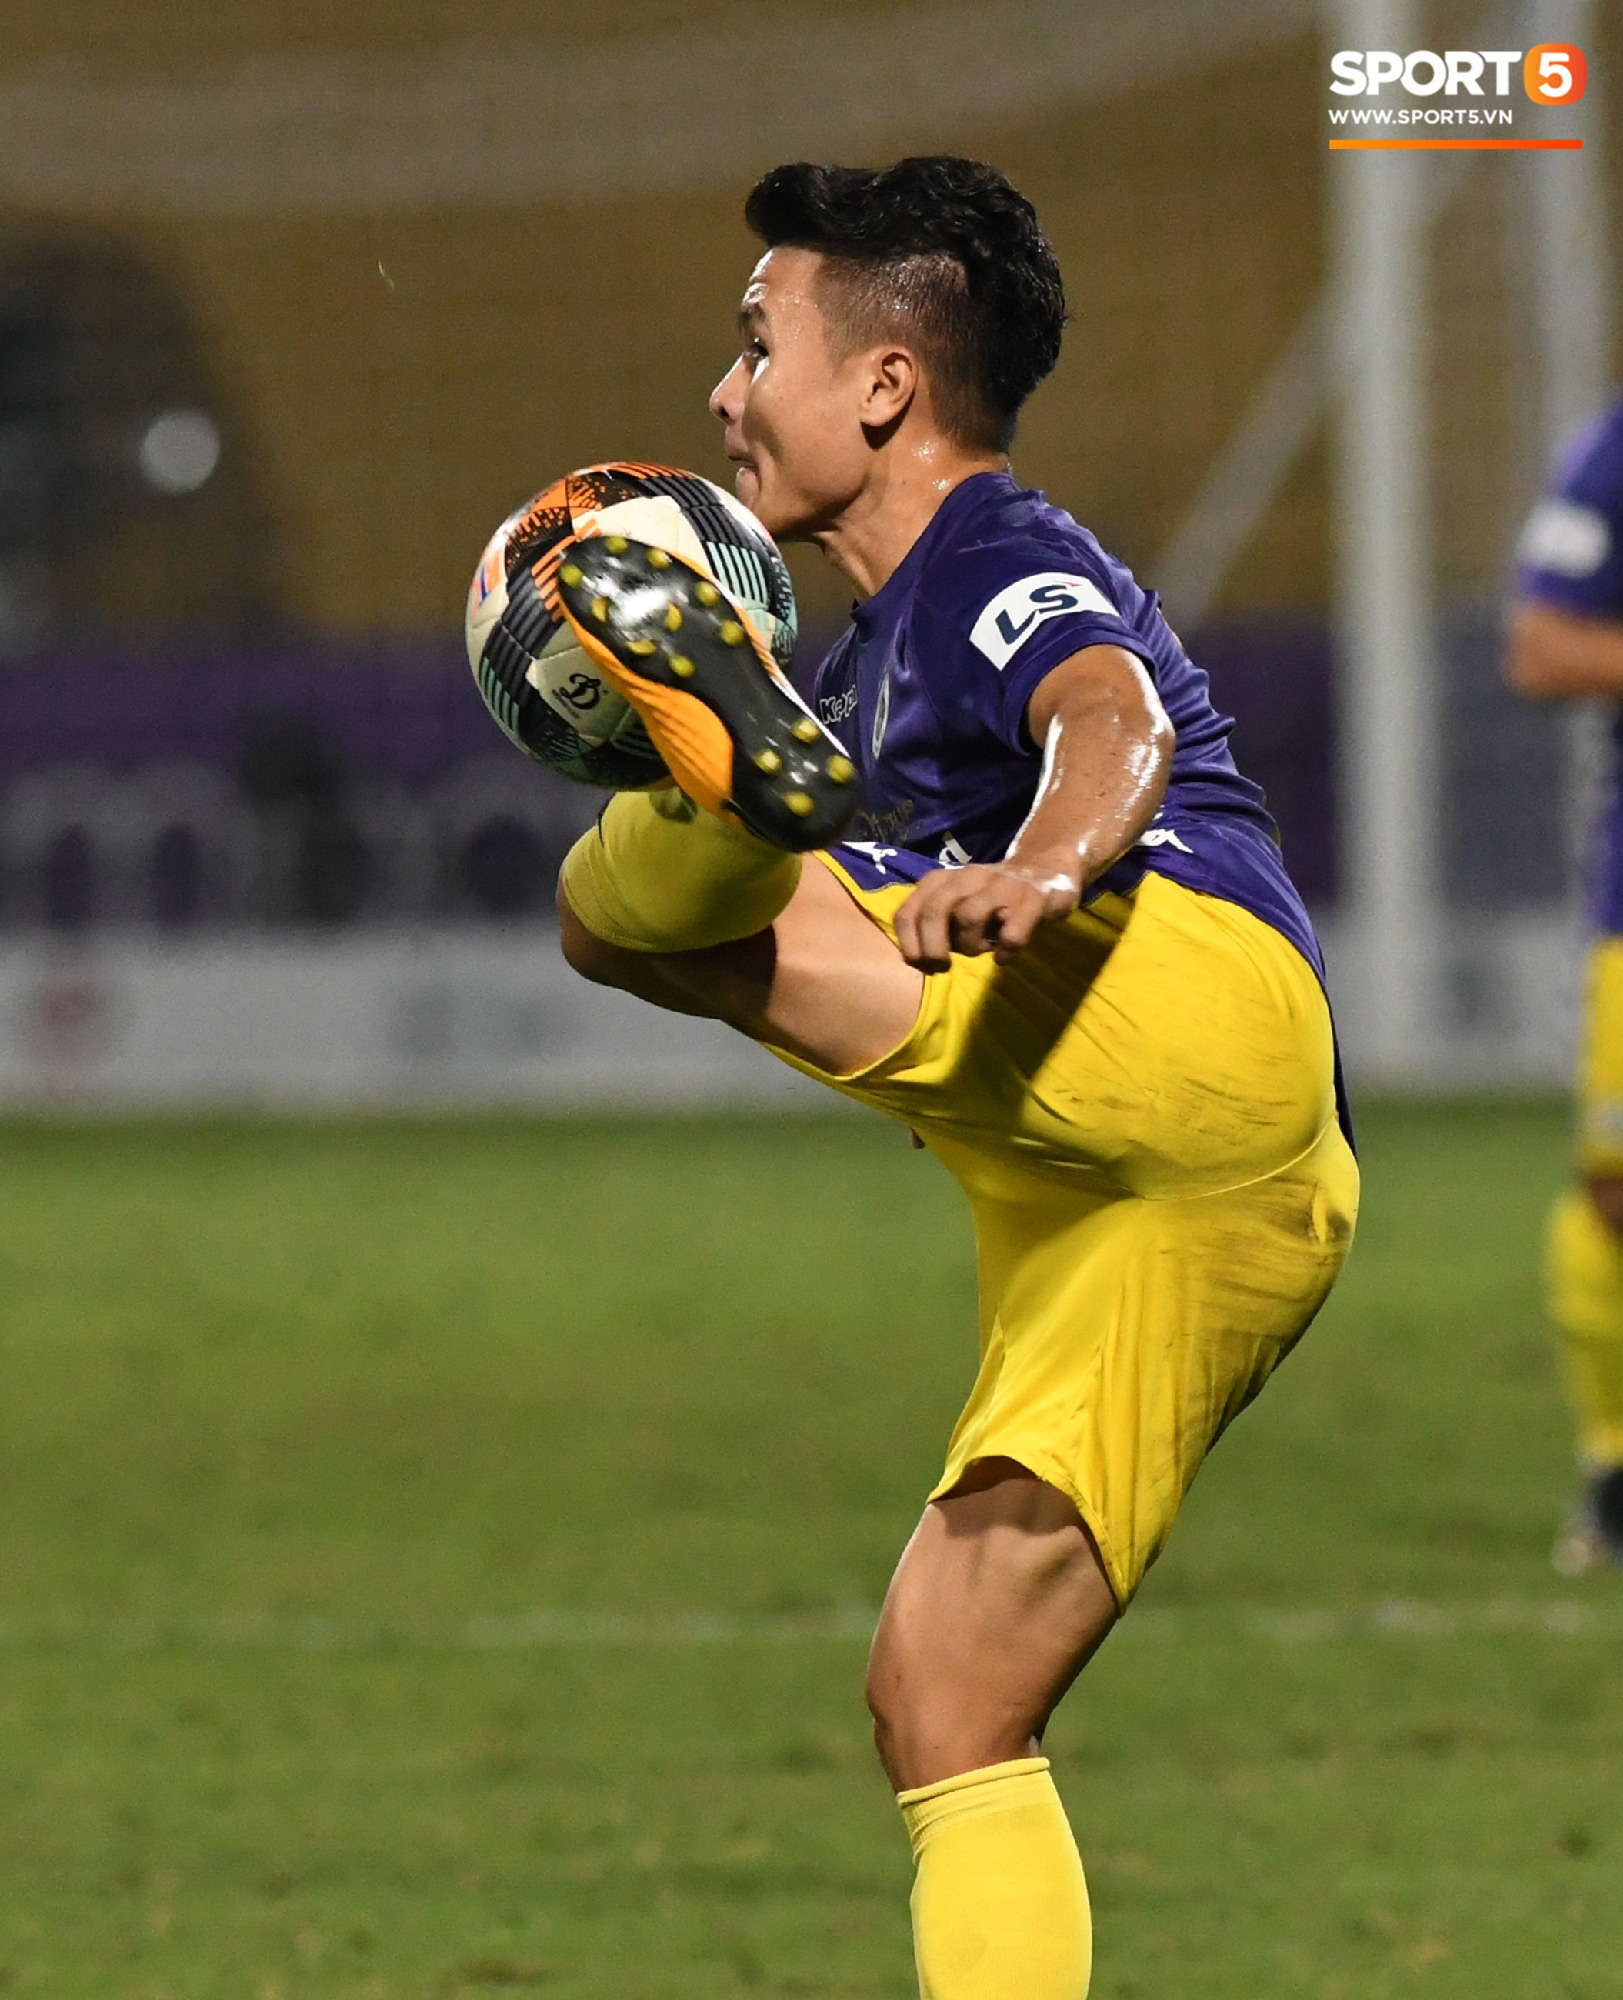 Quang Hải biểu diễn kỹ năng đỡ bóng không cần nhìn cực điệu nghệ, đi bóng khiến hàng thủ Viettel FC hỗn loạn - Ảnh 2.